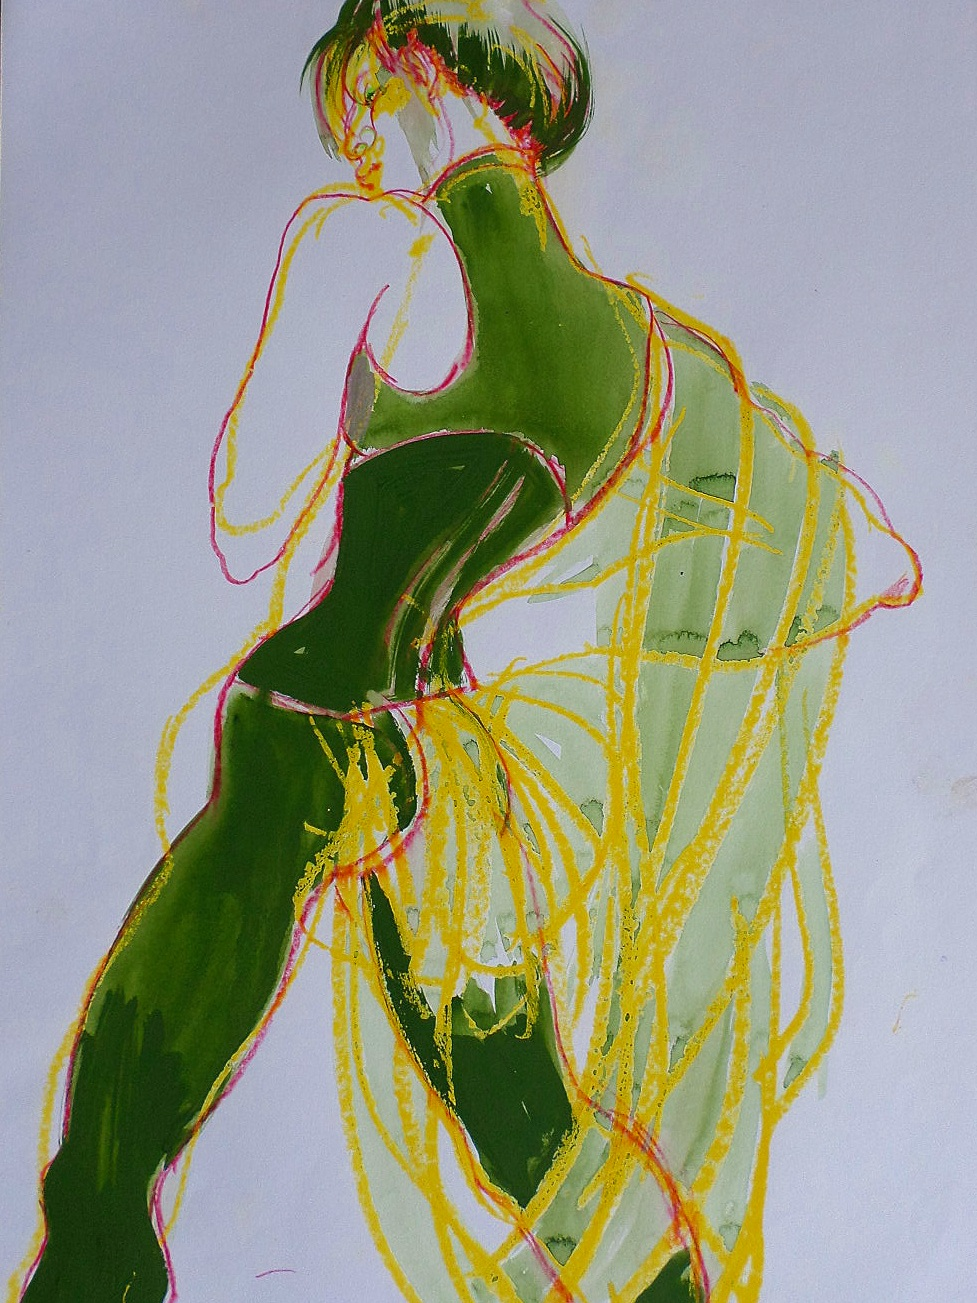 jo Brocklehurst painting for sale